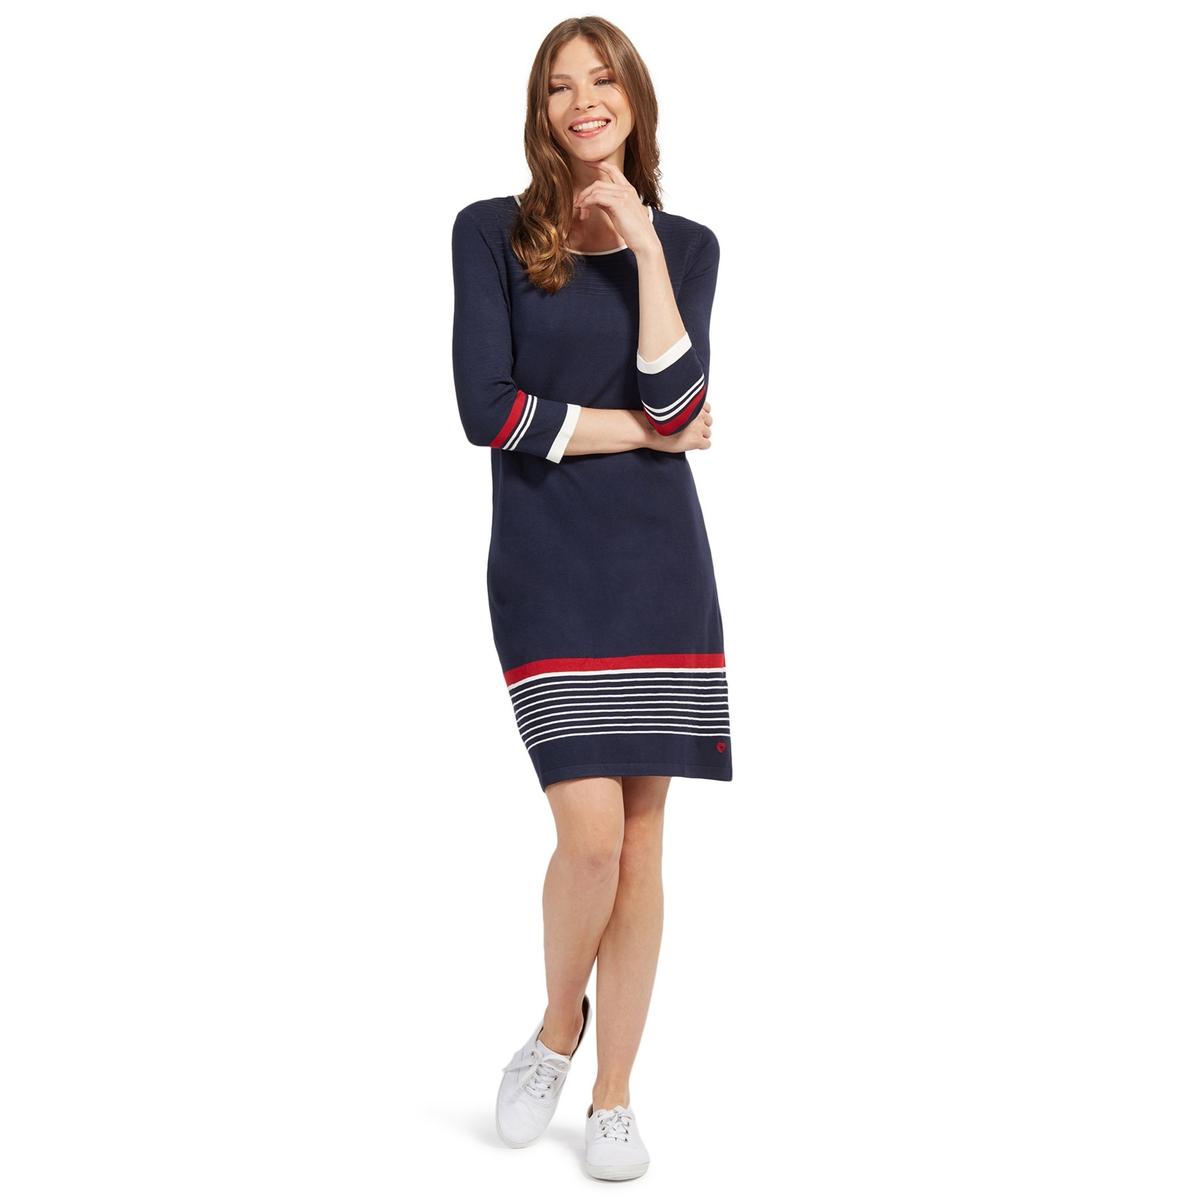 Платье прямое короткое с рисунком в полоскуДетали •  Форма : прямая •  Укороченная модель •  Длинные рукава    •  Круглый вырез  •  Рисунок в полоскуСостав и уход •  81% вискозы, 19% полиамида •  Следуйте рекомендациям по уходу, указанным на этикетке изделия<br><br>Цвет: темно-синий/белый/красный<br>Размер: 40 (FR) - 46 (RUS)